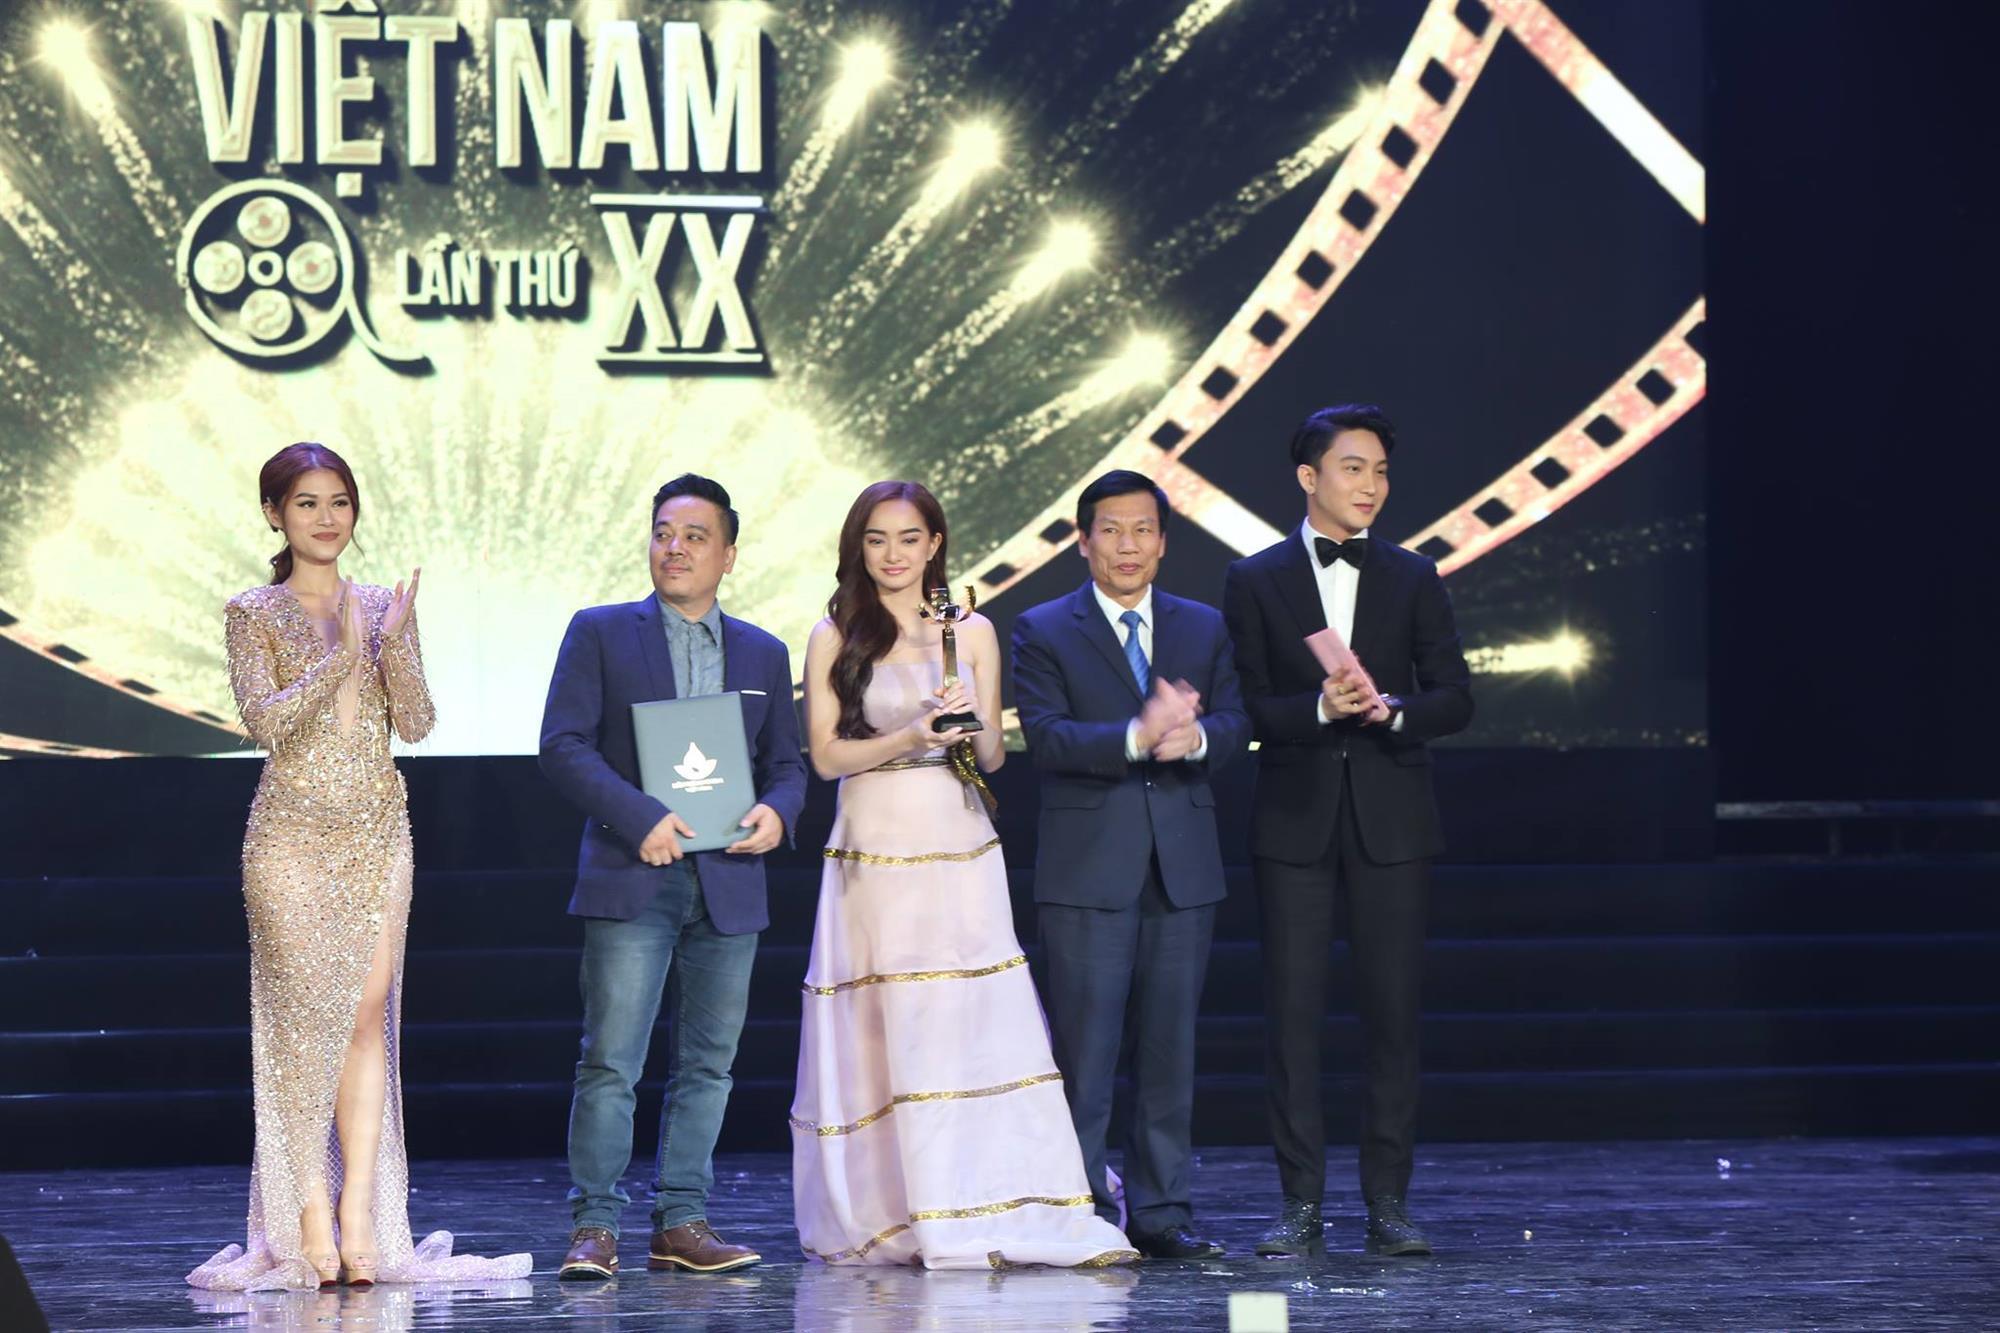 Bế mạc Liên hoan Phim Việt Nam lần thứ XX